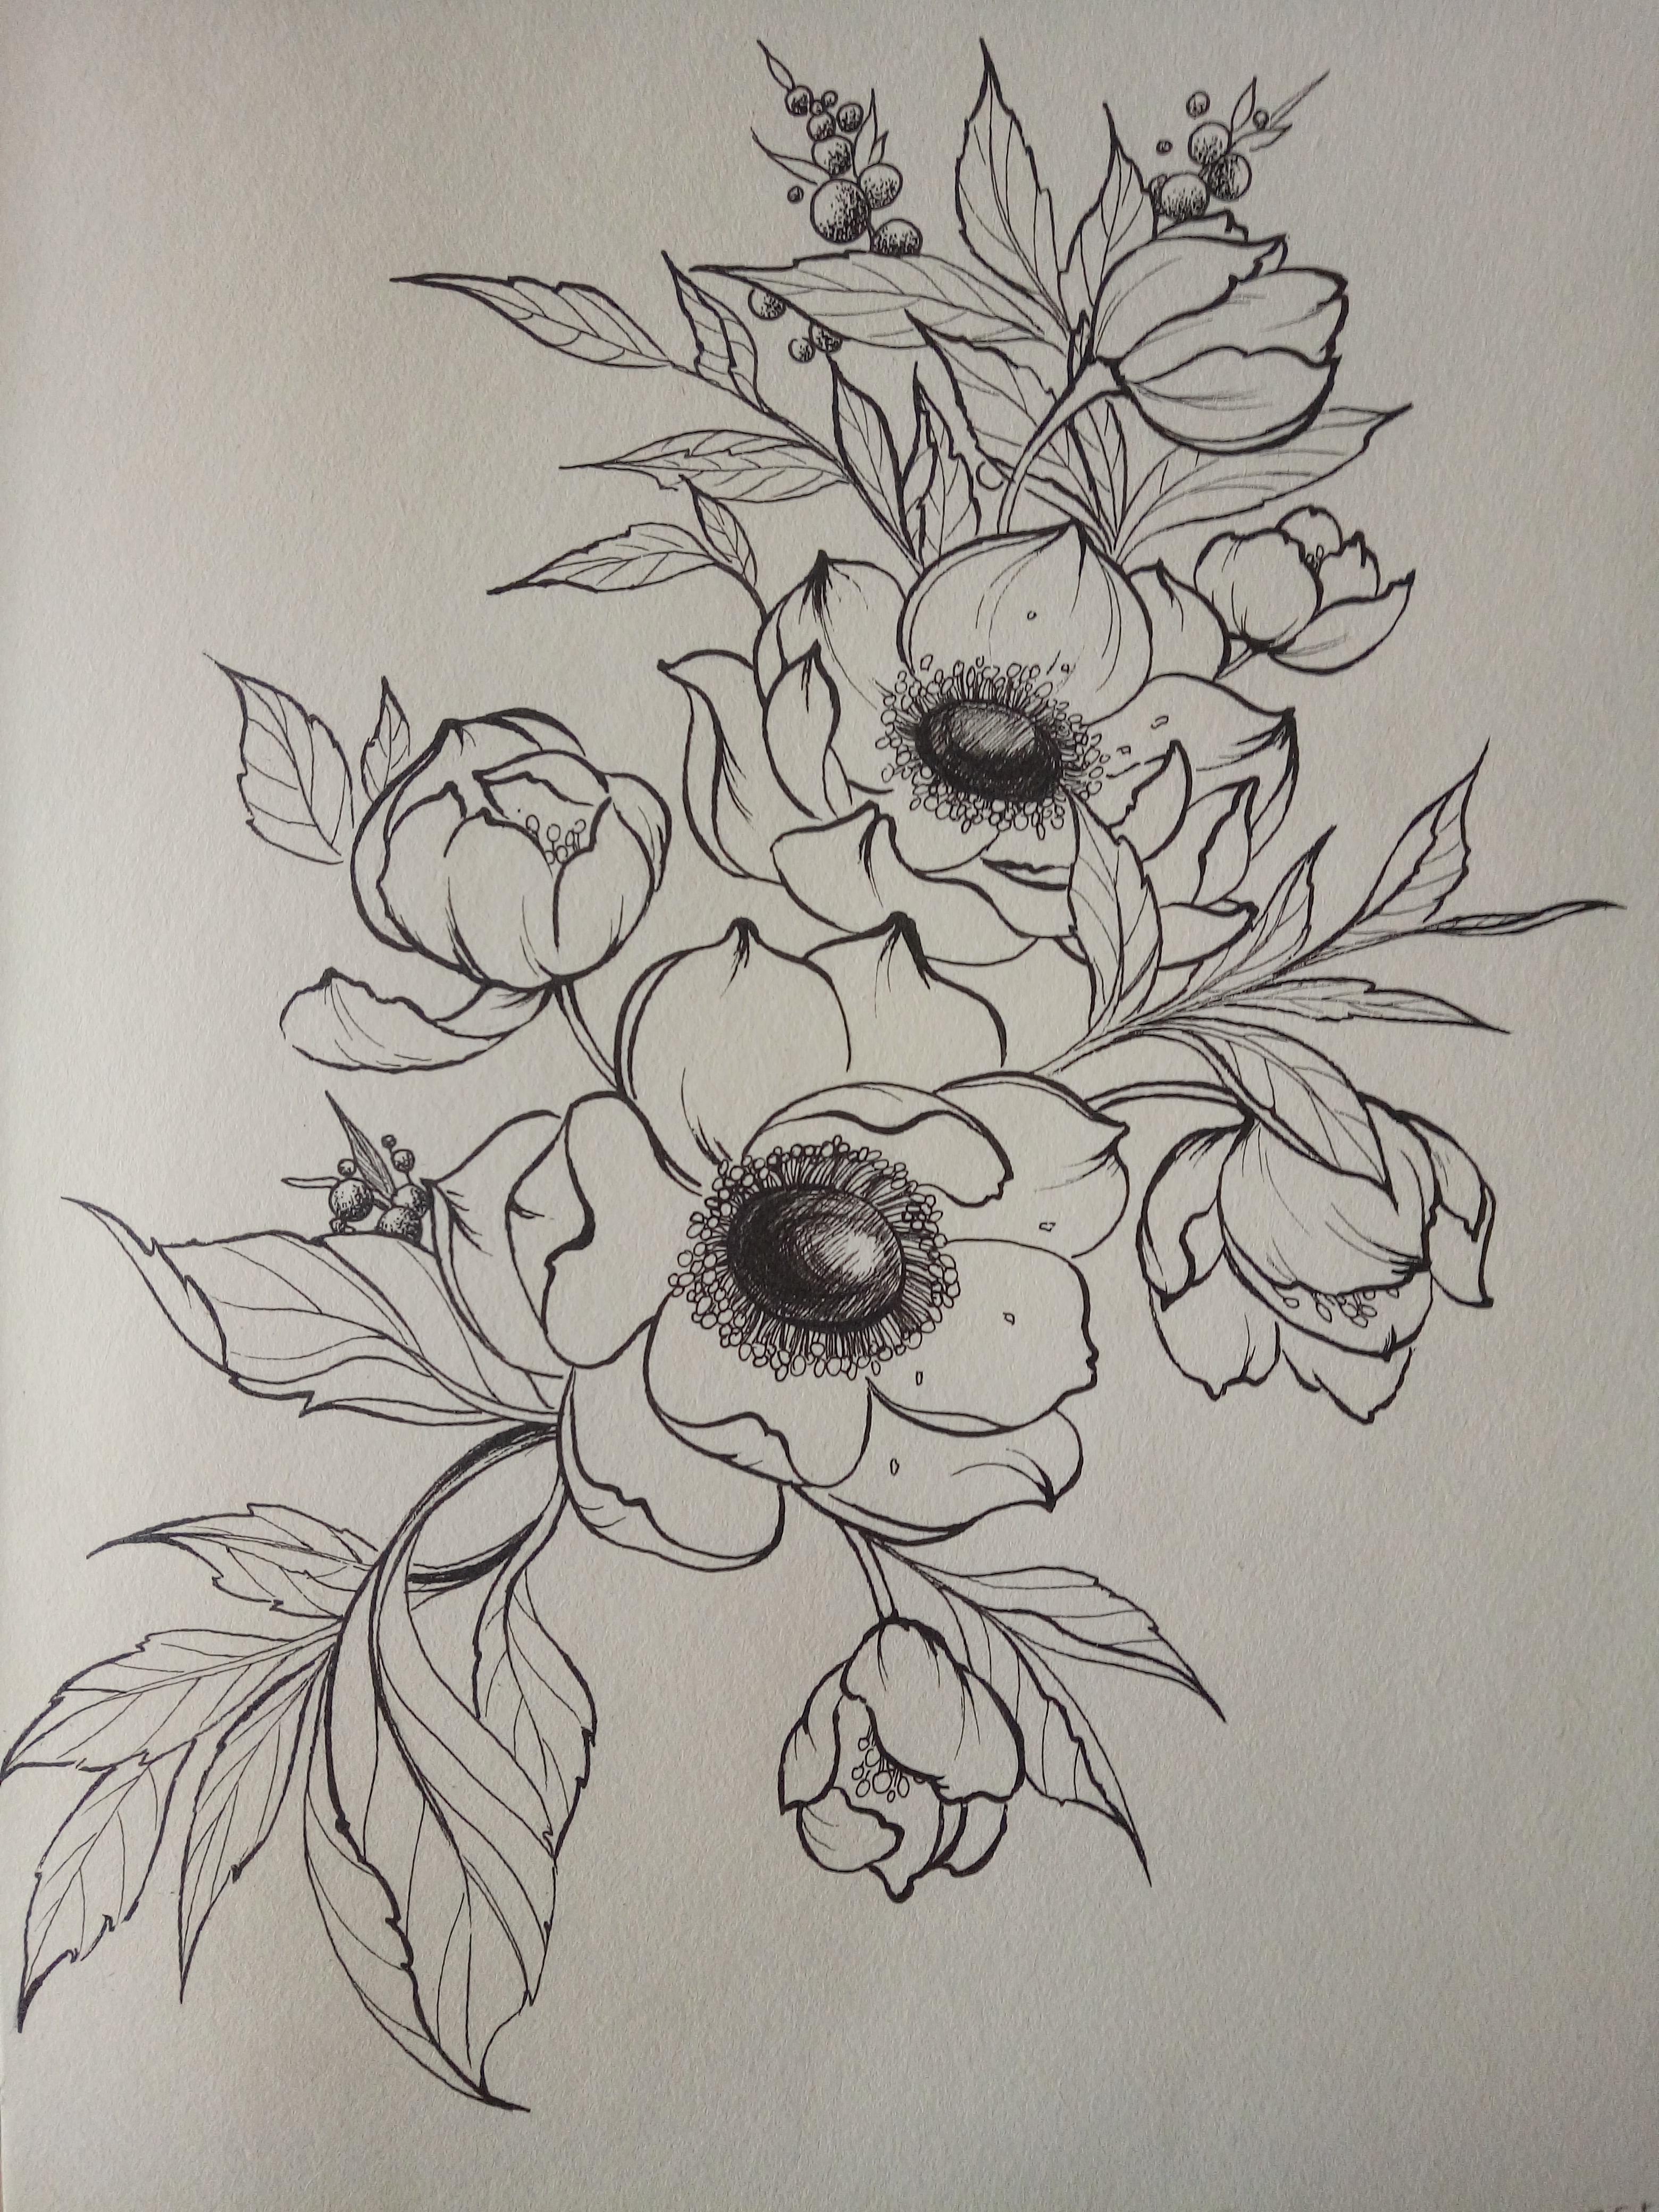 铅笔画图片唯美花朵|花画图片大全简单素描|玫瑰花素描画图片大全